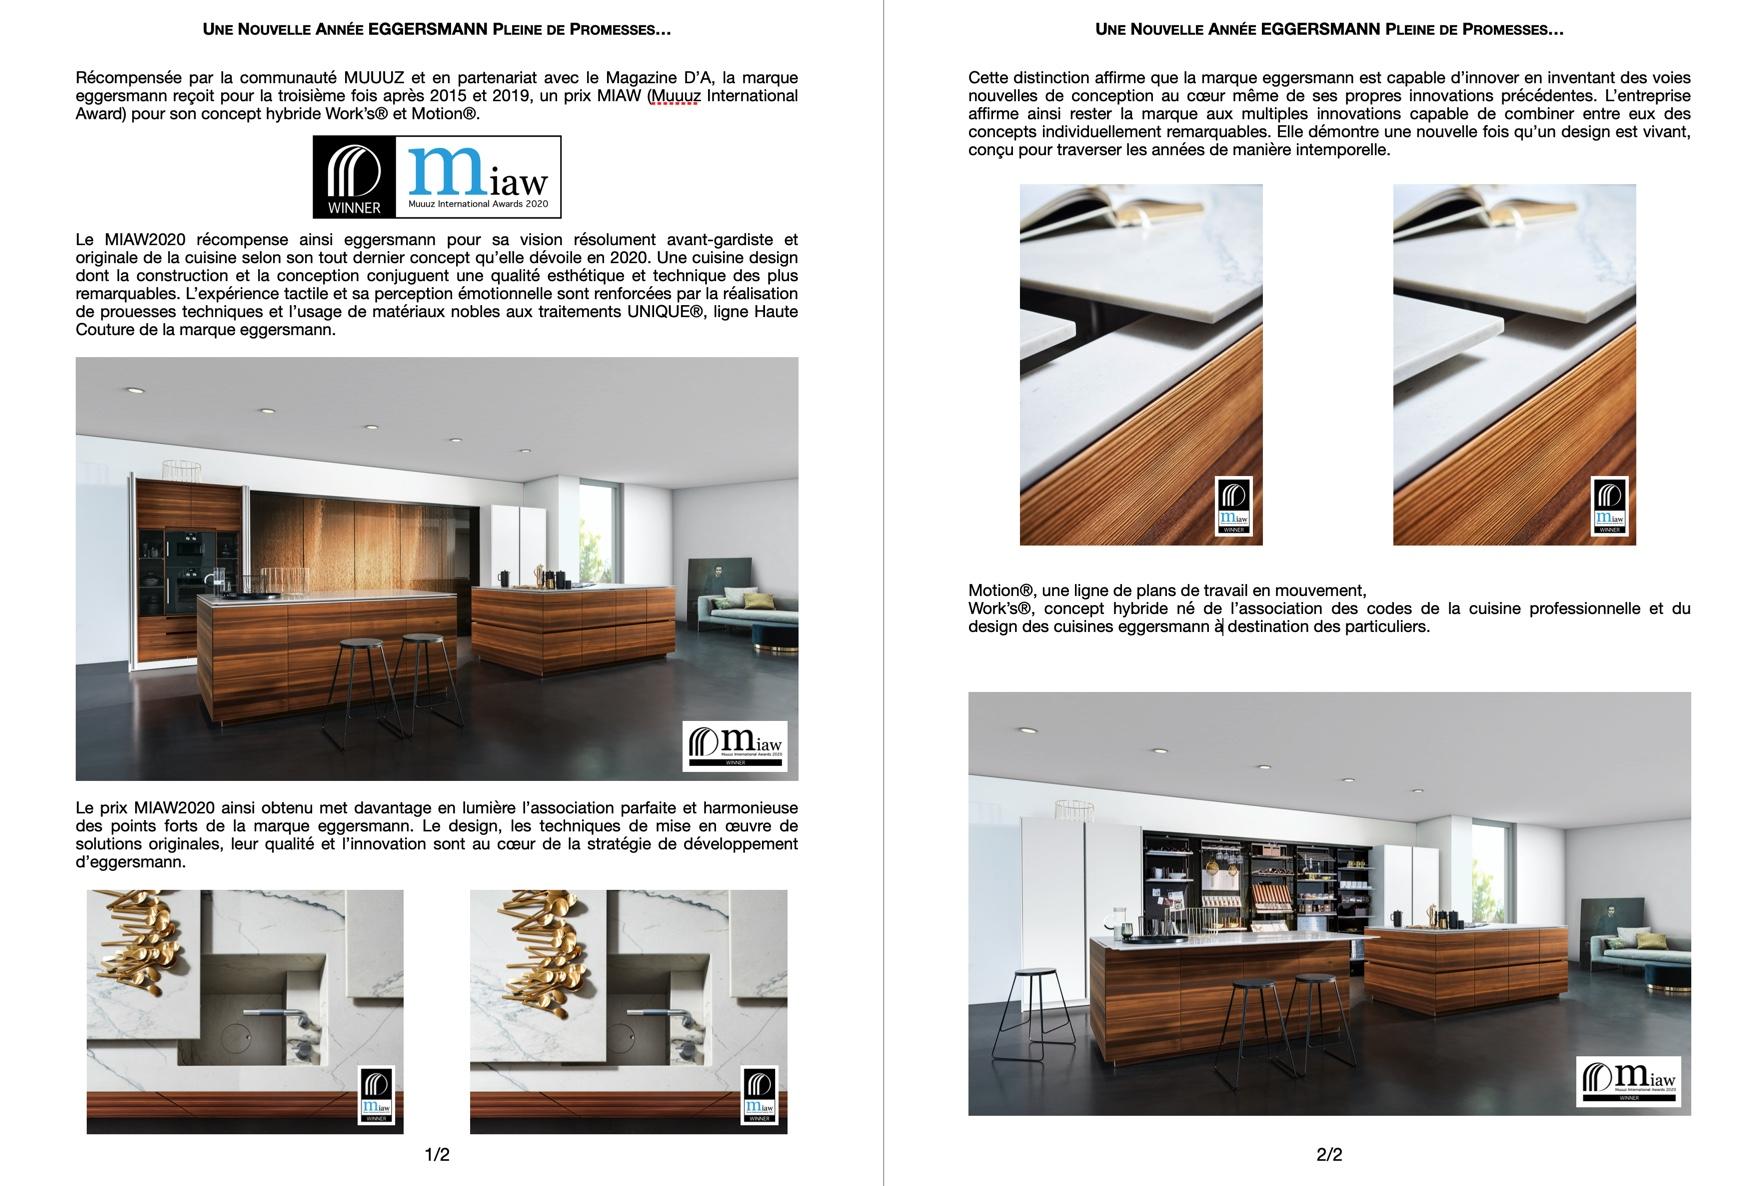 La récompense eggersmann MIAW 2020 expliquée. Des plans de travail en mouvement, Motion®, des armoires pivotantes du concept hybride Work's® qui font de la marque de cuisines allemandes haut de gamme eggersmann, l'entreprise la plus innovante en matière de design.